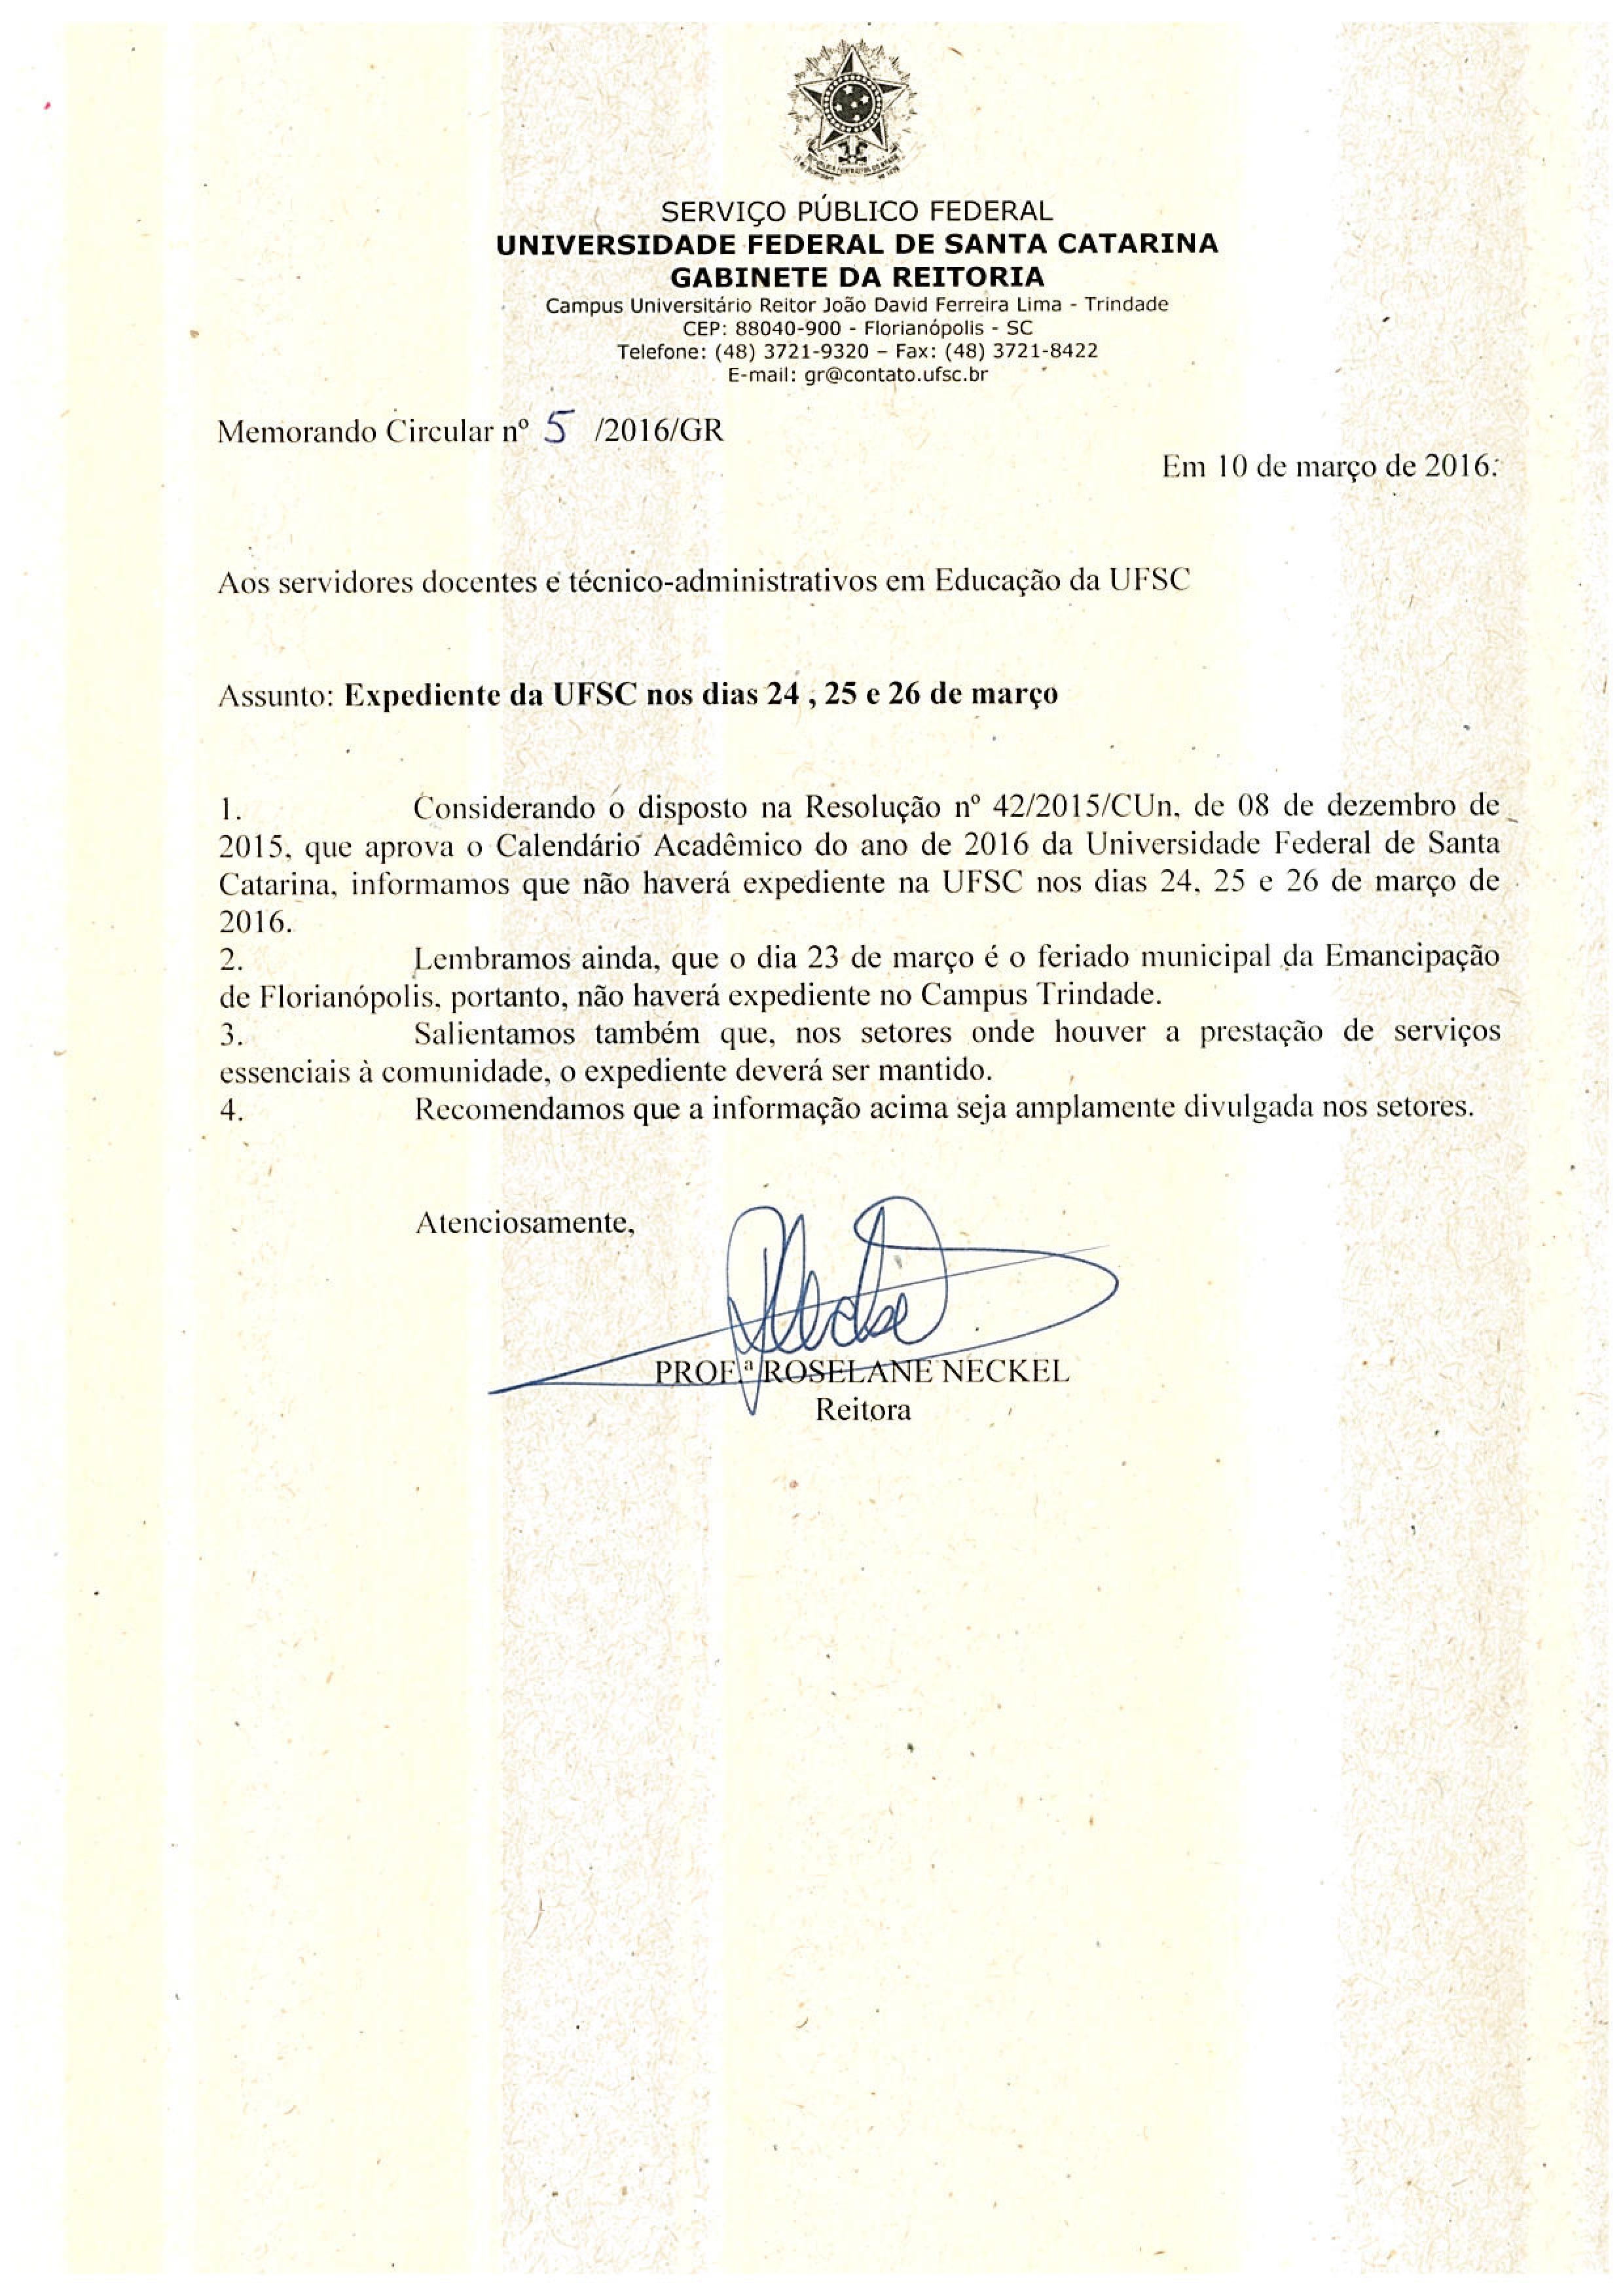 Memorando_Circular-page-0